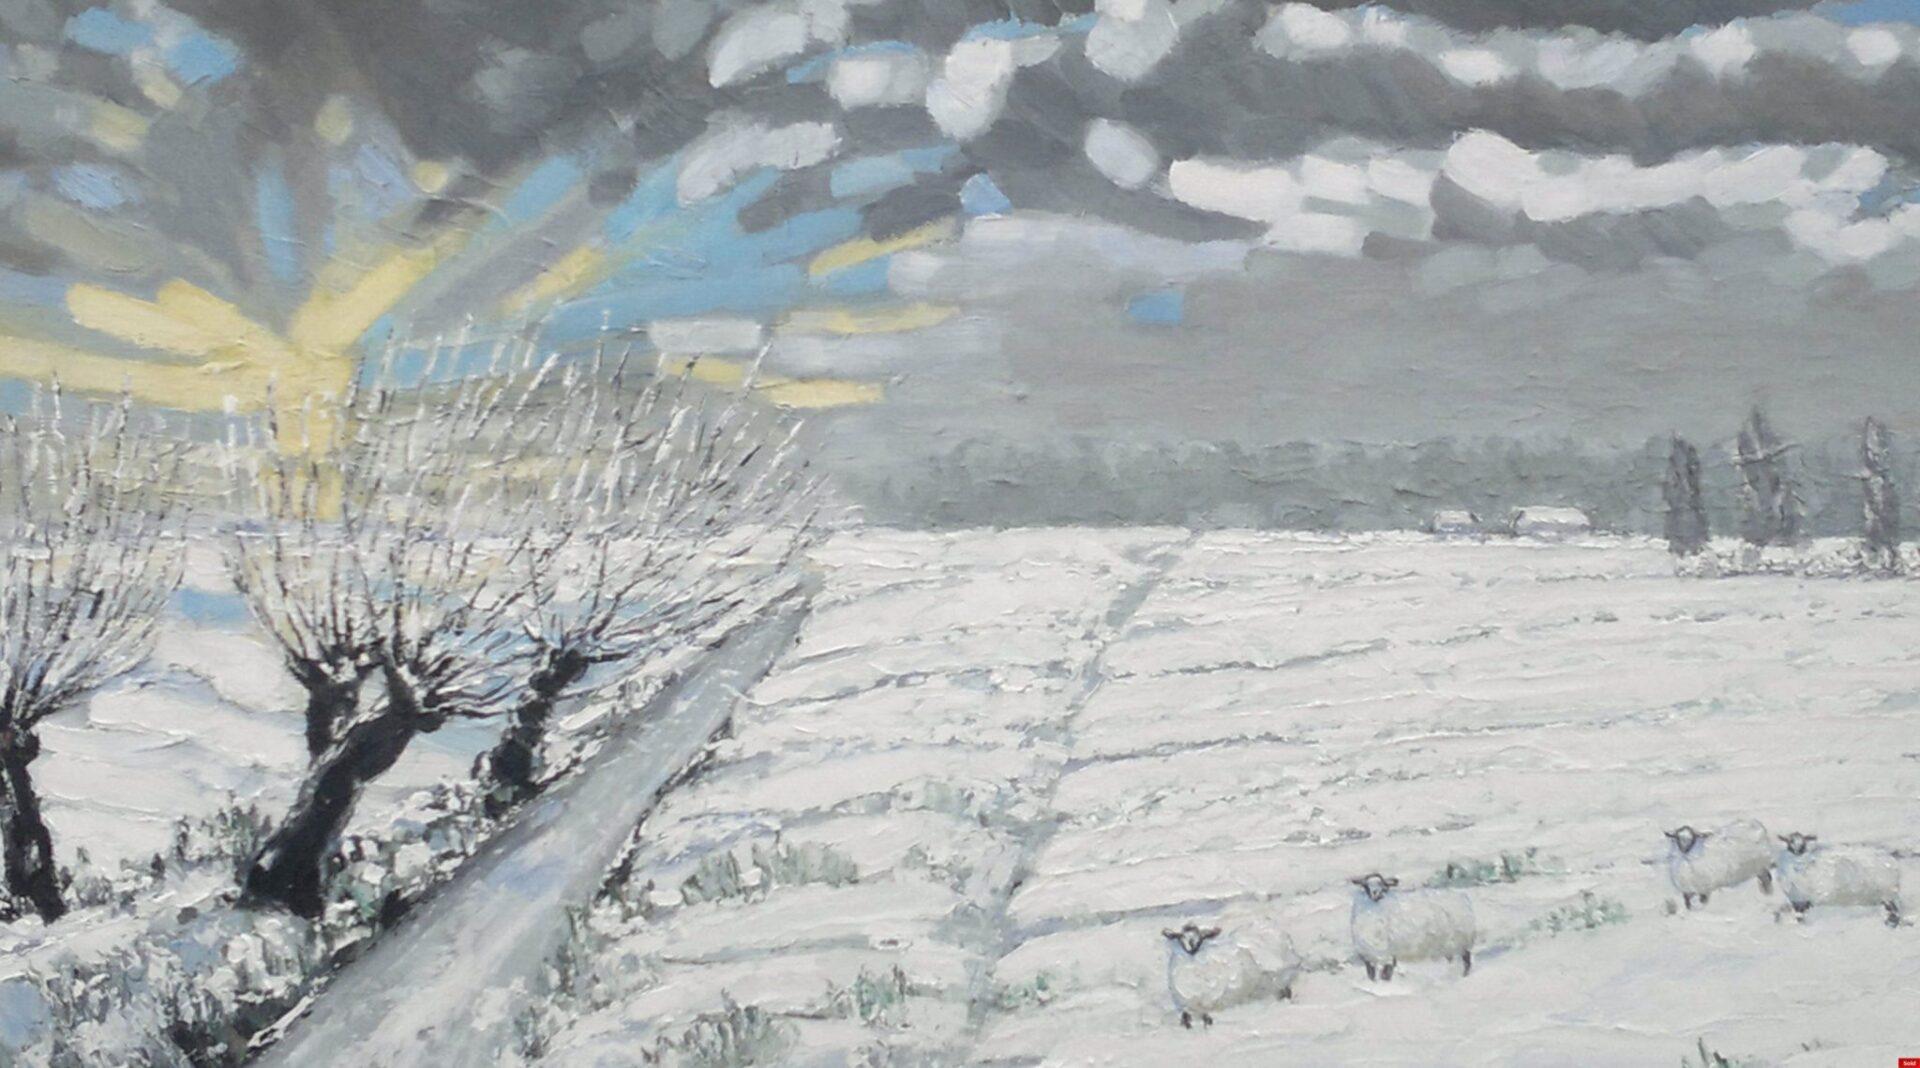 Schapen in de sneeuw in Zeeuws-Vlaanderen